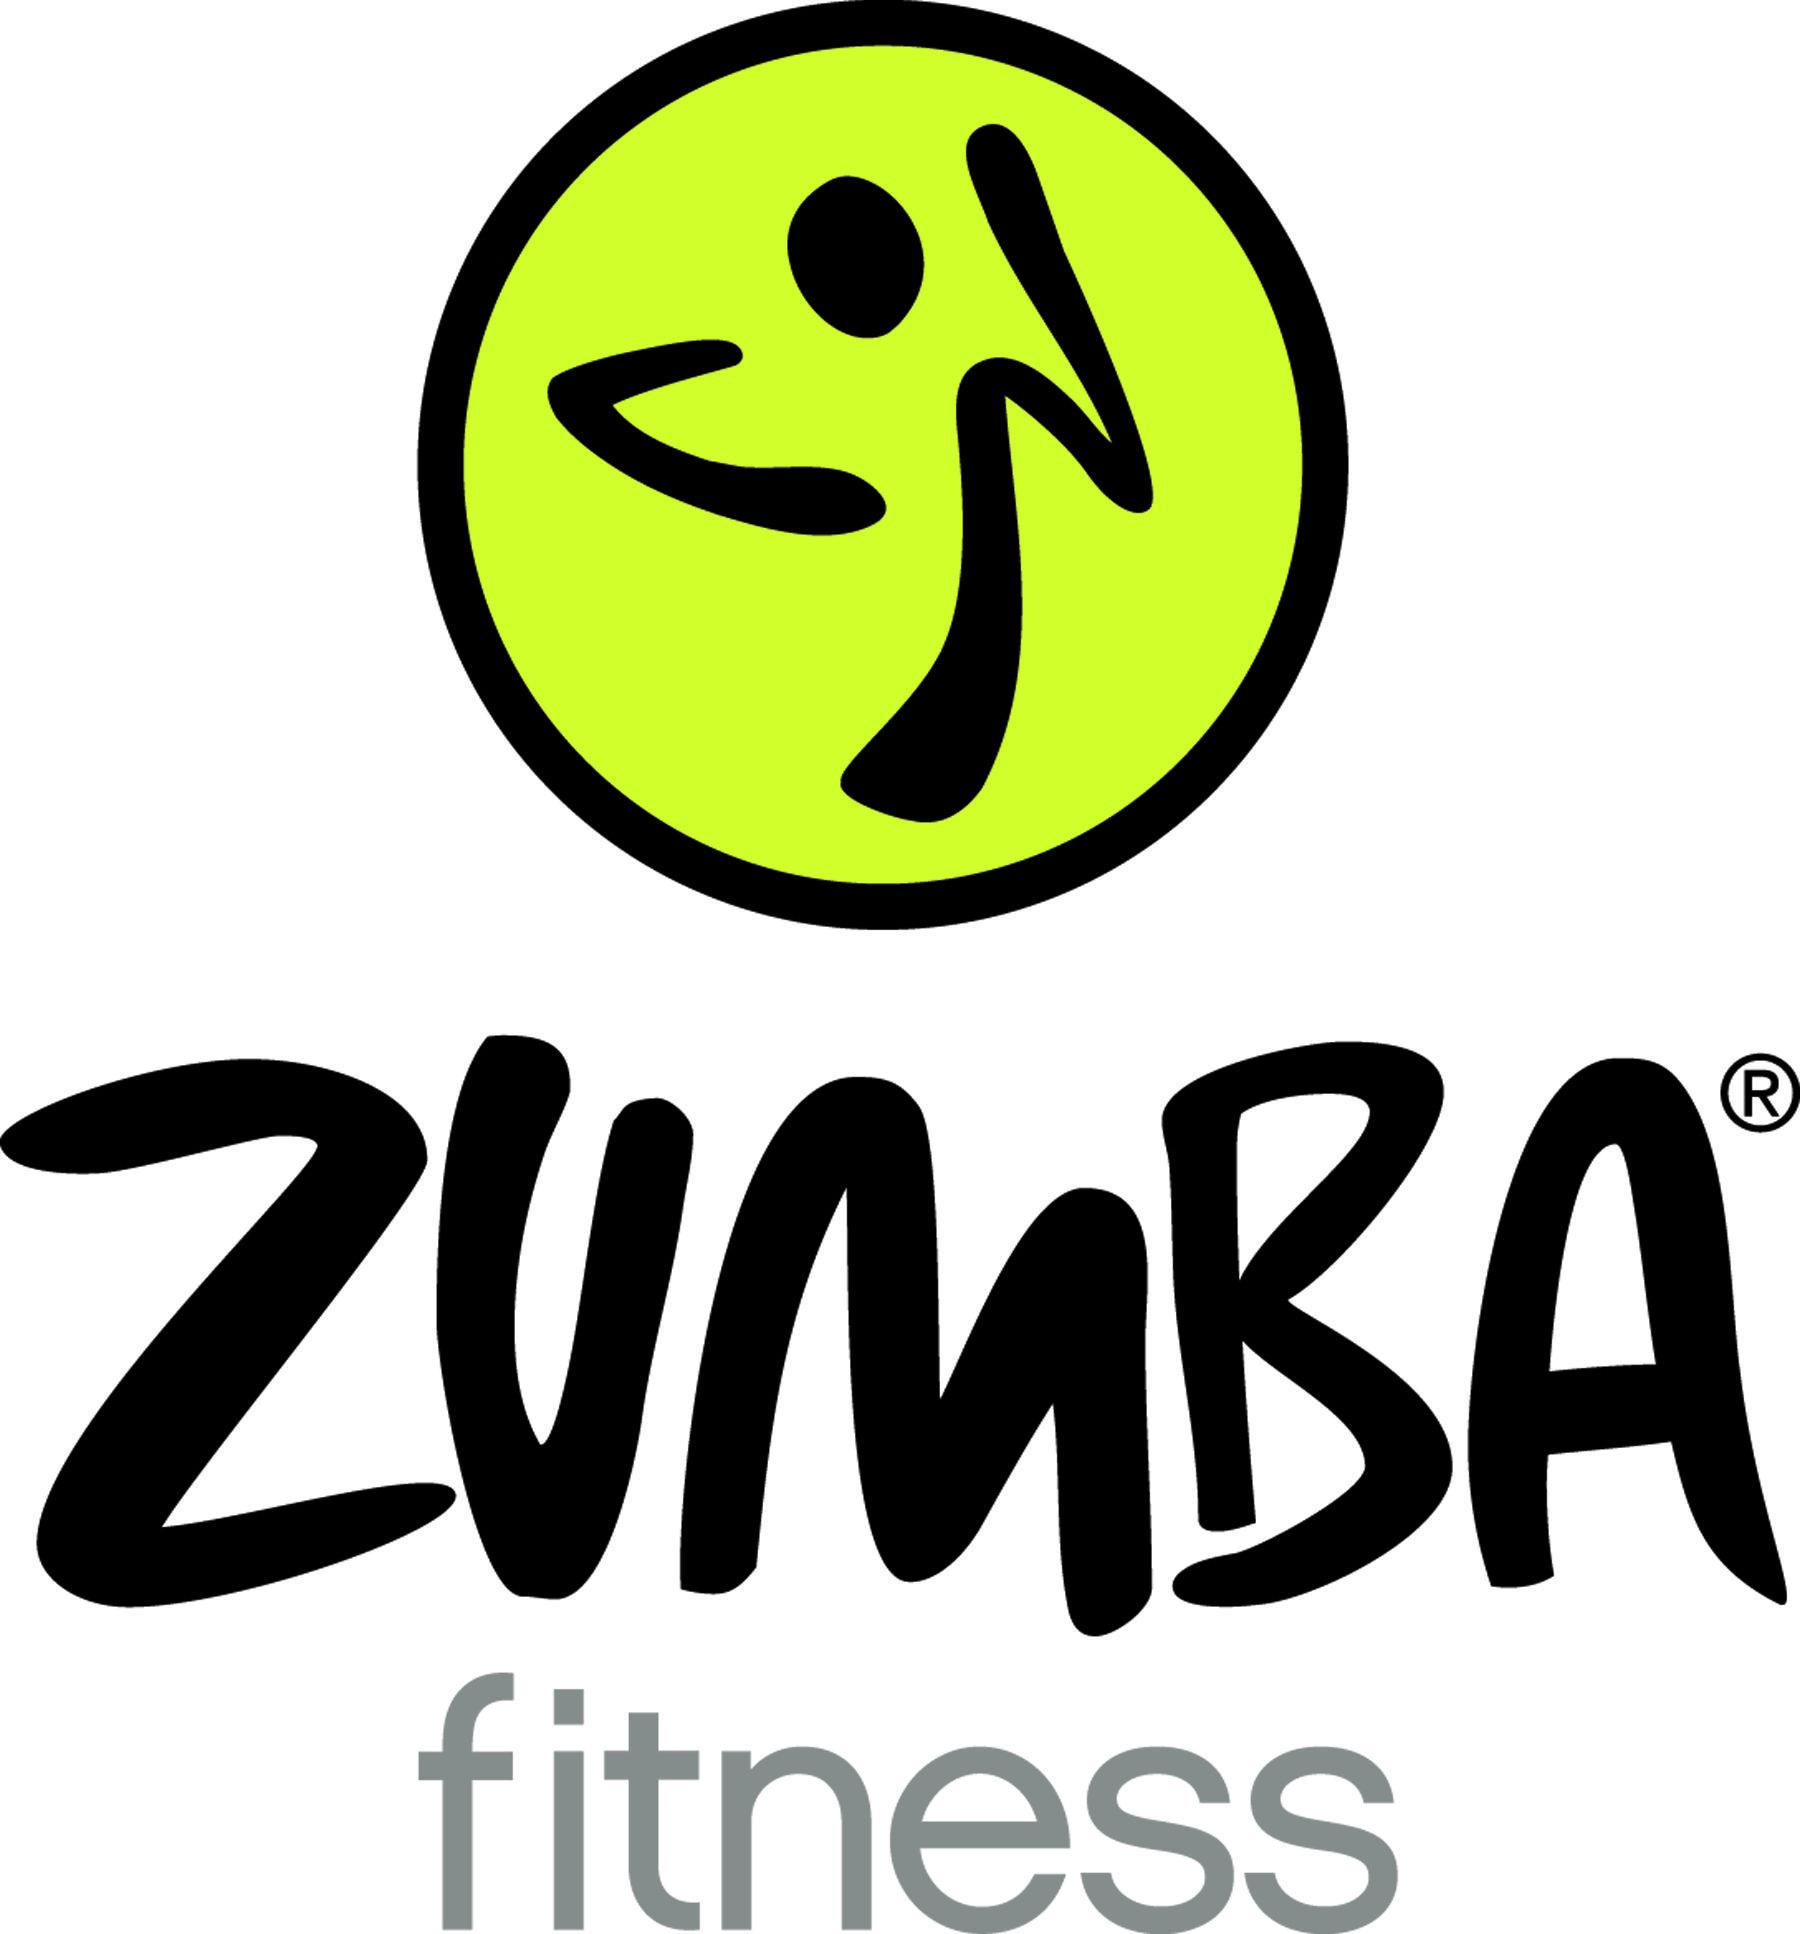 image logo zumba